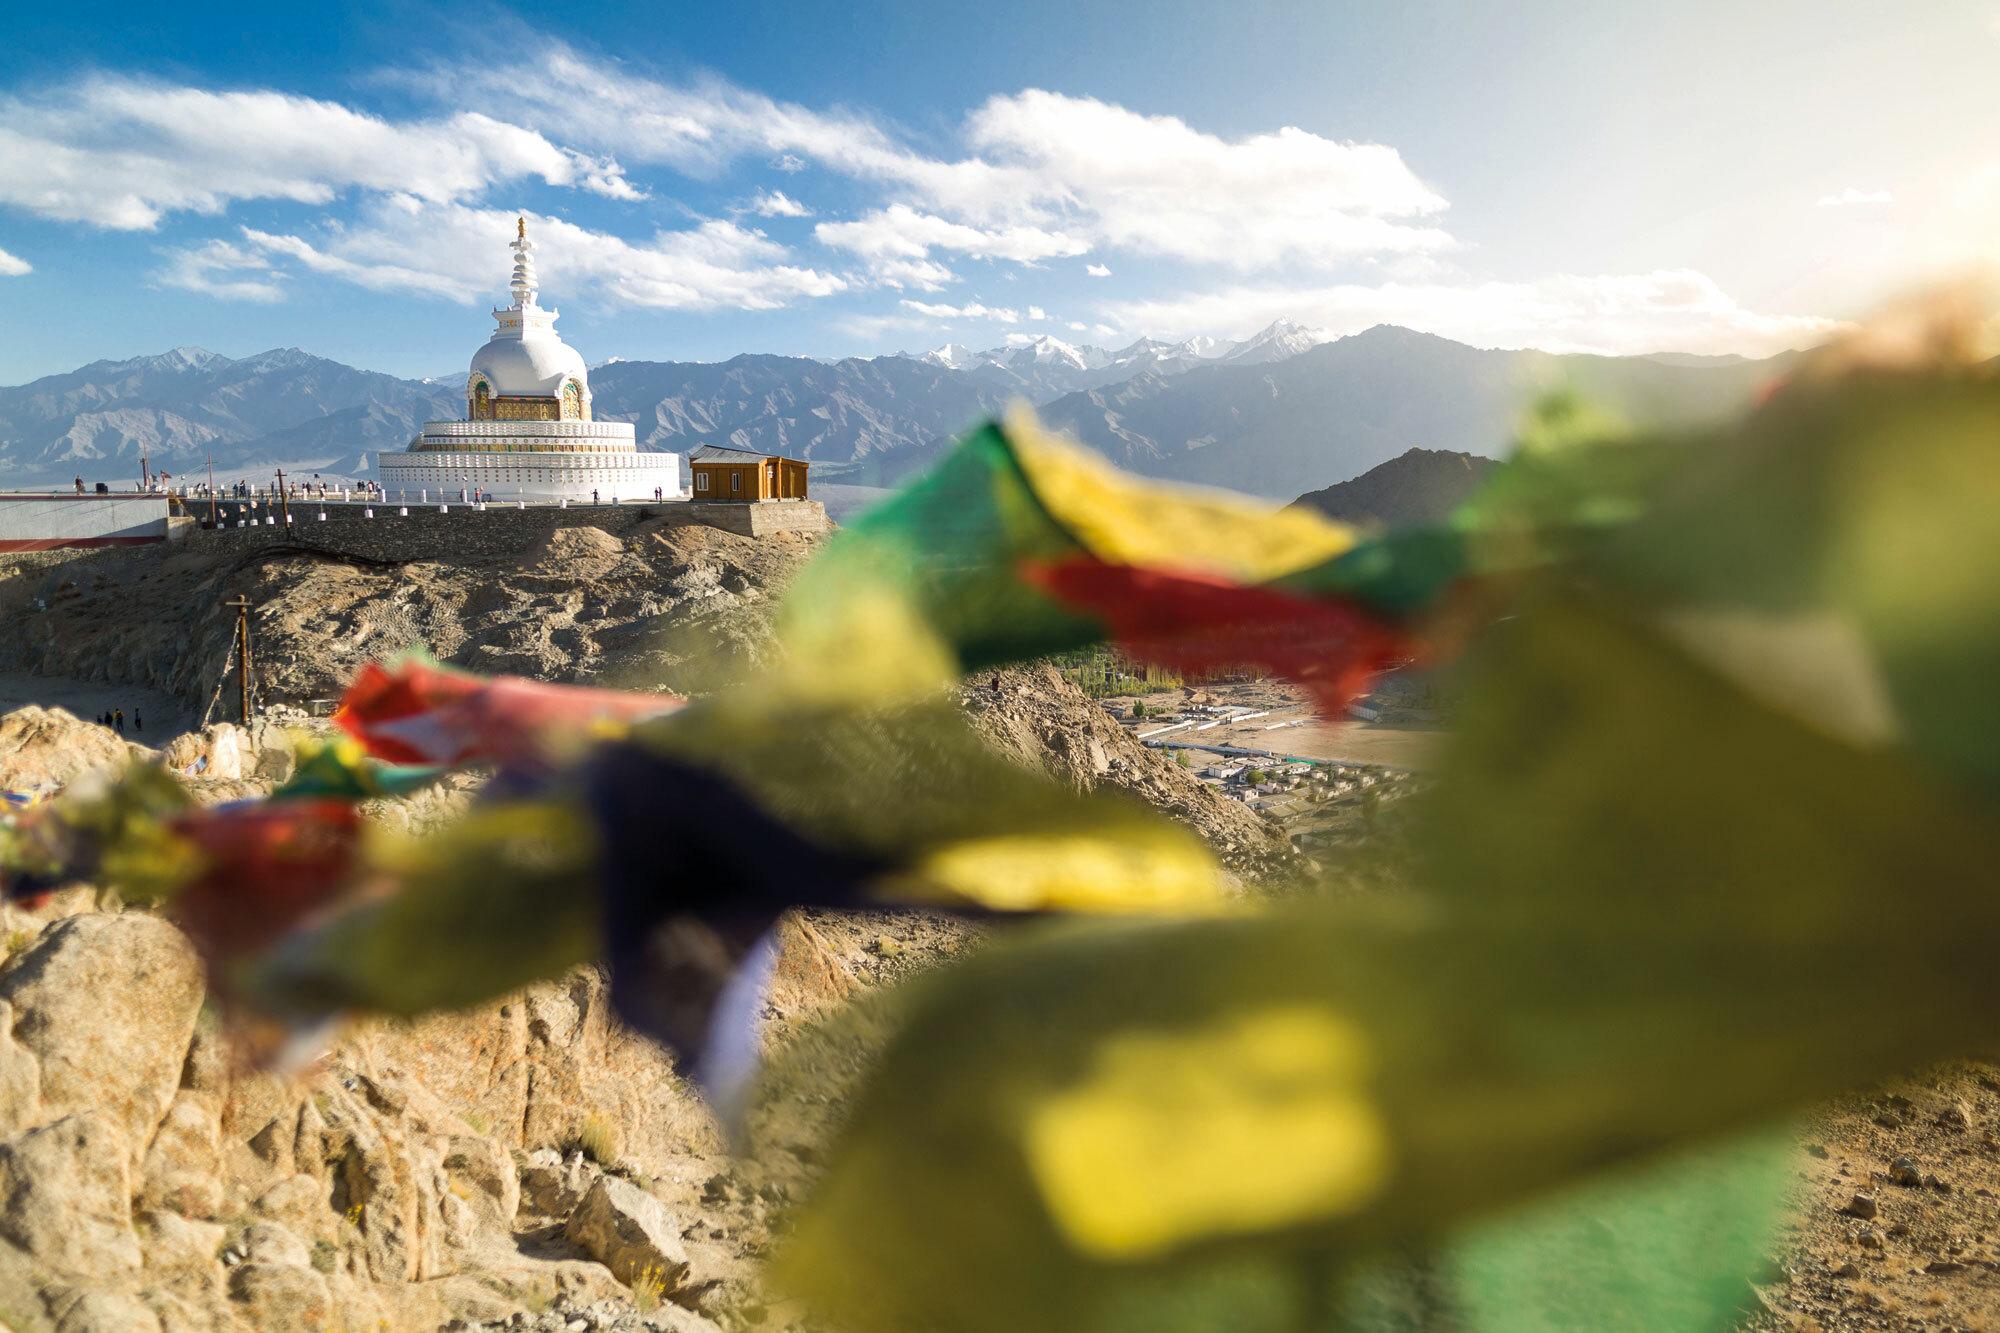 Palmen, Kamele, dünne Luft – Trekking im Indischen Himalaya